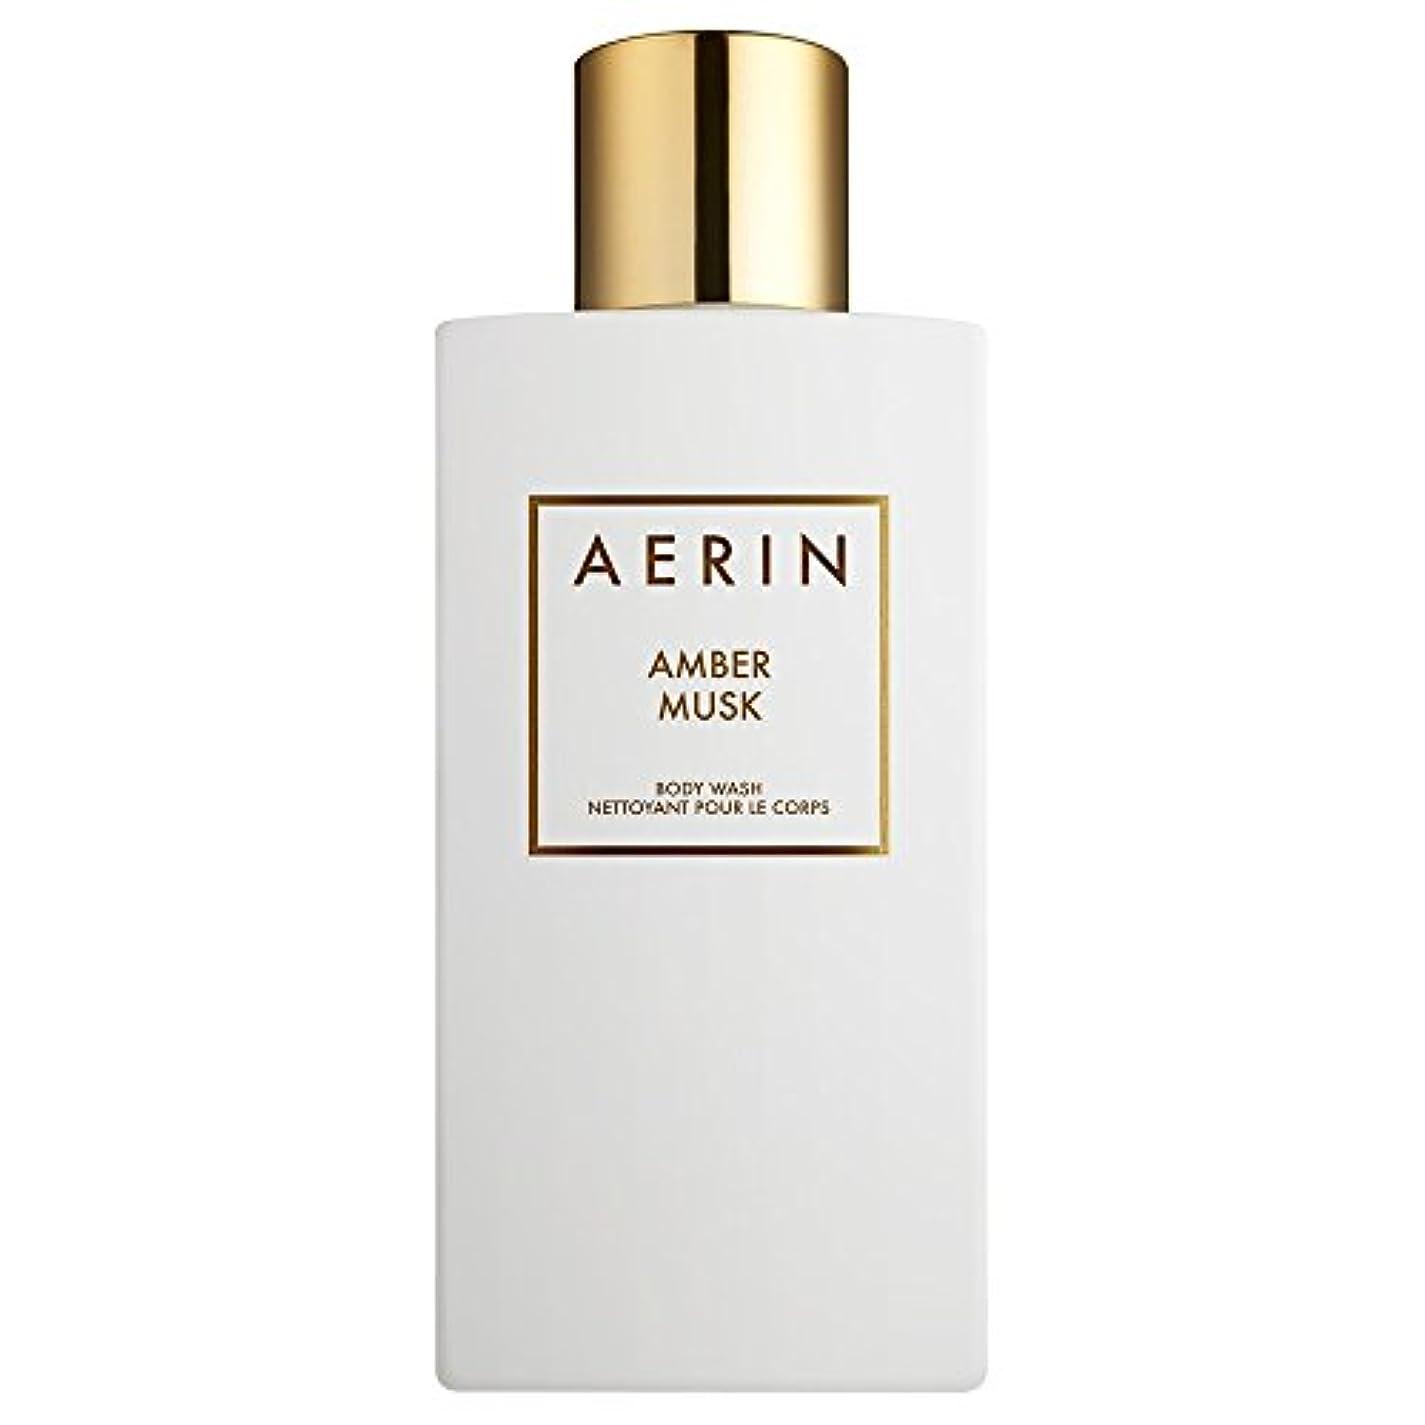 夢新鮮なアラームAerinアンバームスクボディウォッシュ225ミリリットル (AERIN) - AERIN Amber Musk Bodywash 225ml [並行輸入品]